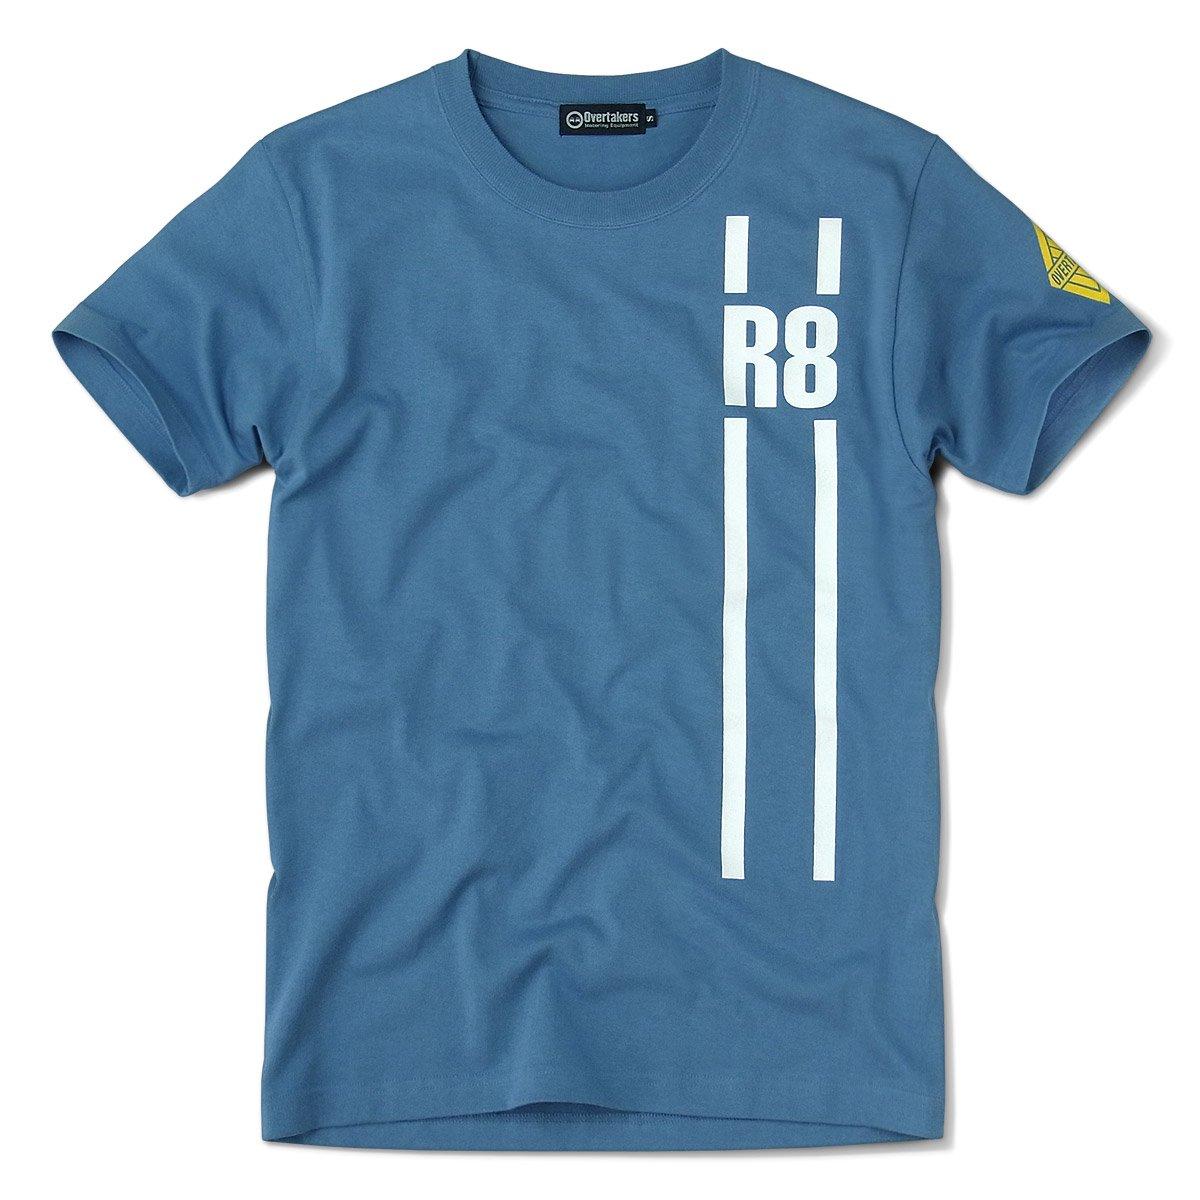 R8 Tシャツ